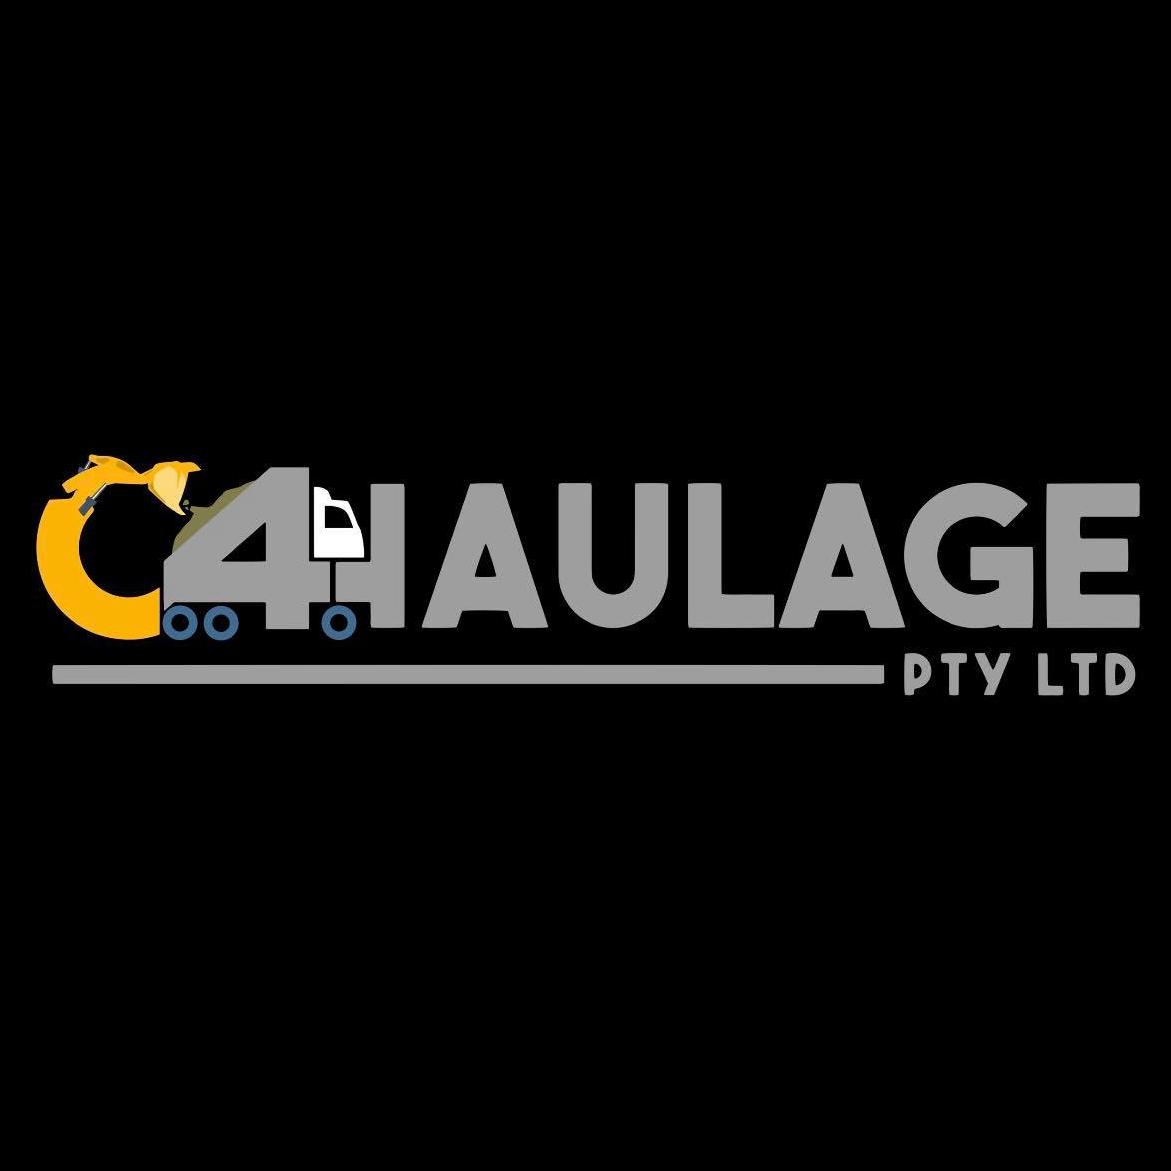 C4 Haulage PTY LTD